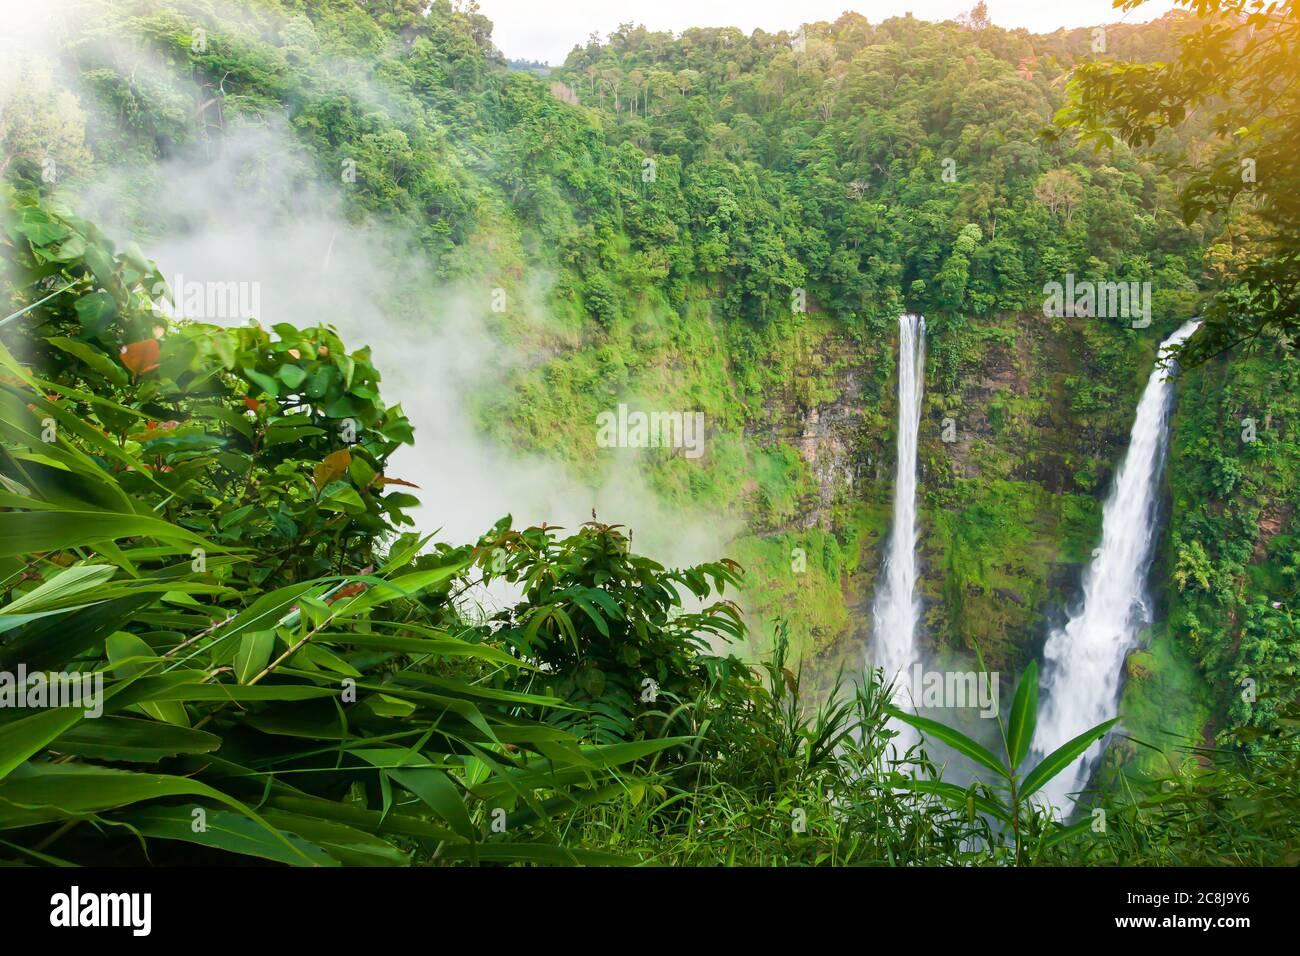 Vue imprenable sur la cascade de TAD Fane dans la brume matinale, superbe cascade jumeau dans la brume, destinations de voyage au sud du Laos. Banque D'Images